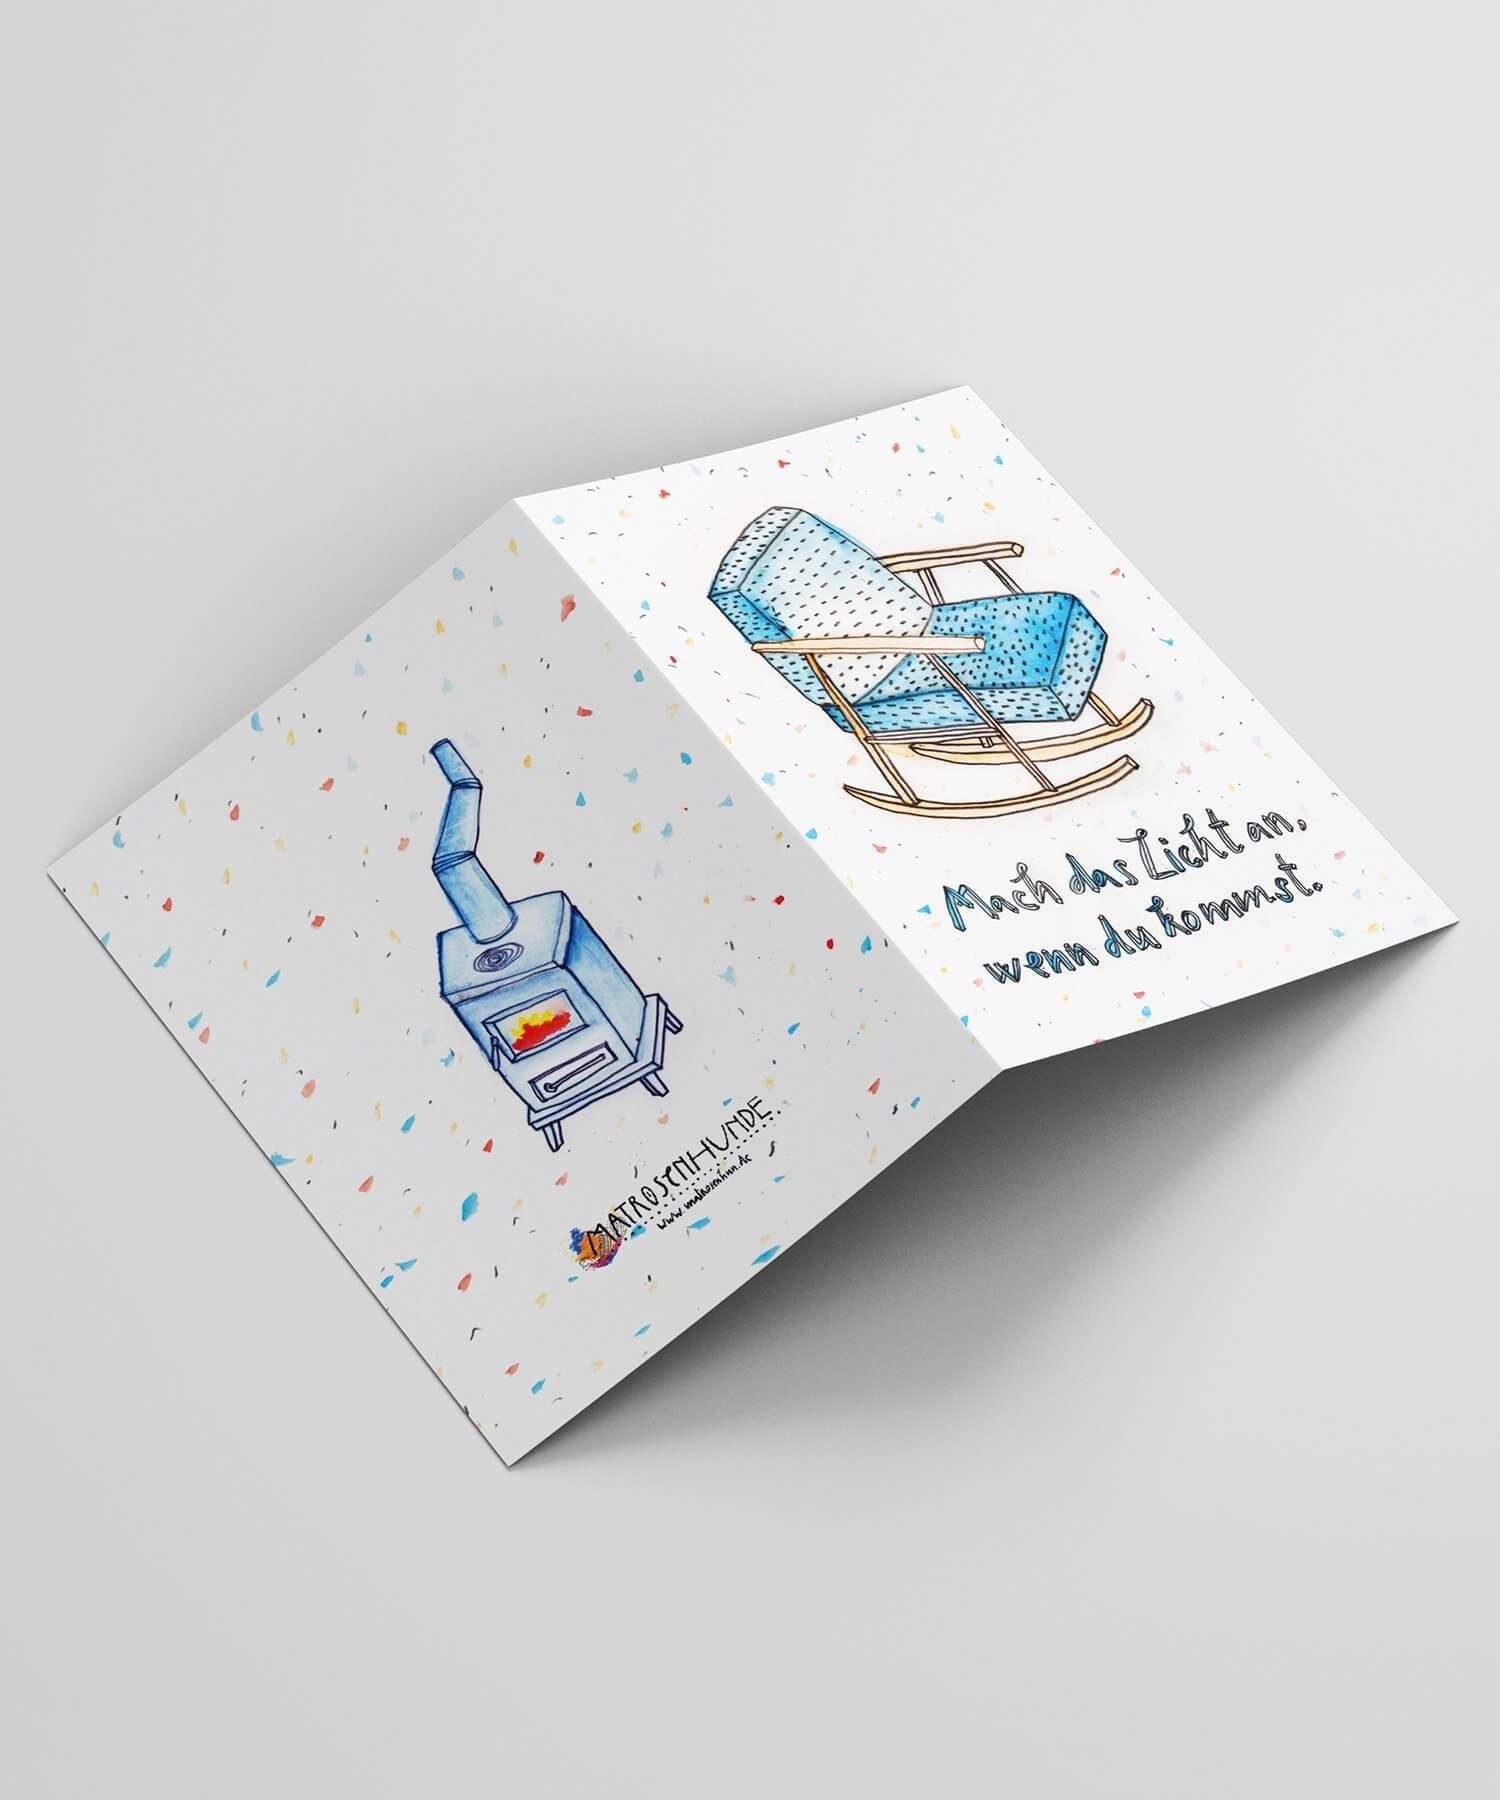 Weihnachtskarte, Neujahrskarte, Matrosenhunde, Illustration, Schaukelstuhl, hygge, hyggelig, gemütlich, Gemütlichkeit, Berlin, Vorweihnachtszeit, advent, kamin, kaminfeuer, wärme, zeichnung